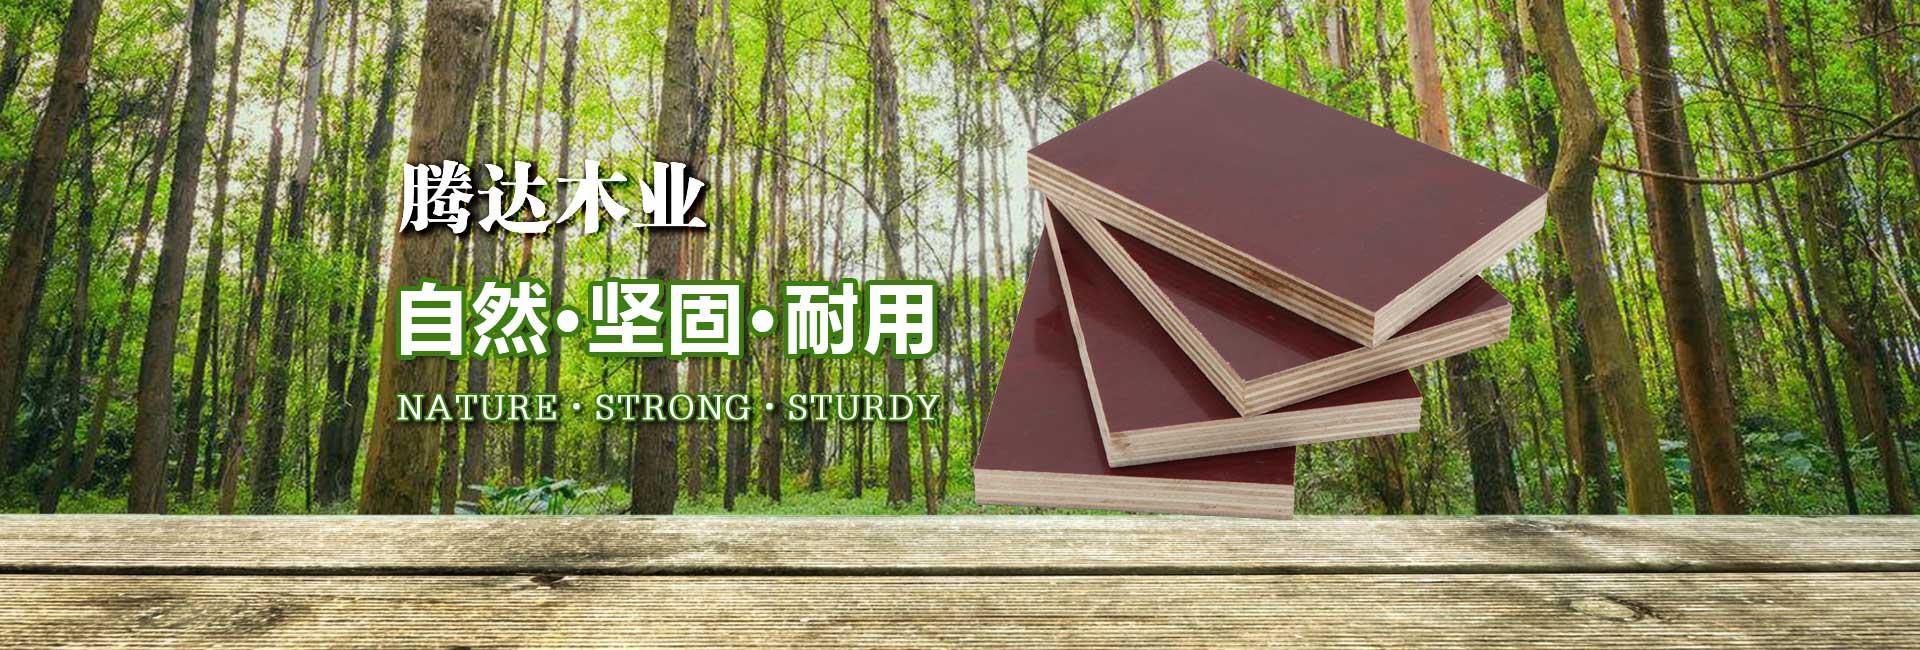 贵阳耐磨包装板厂家-腾达木业